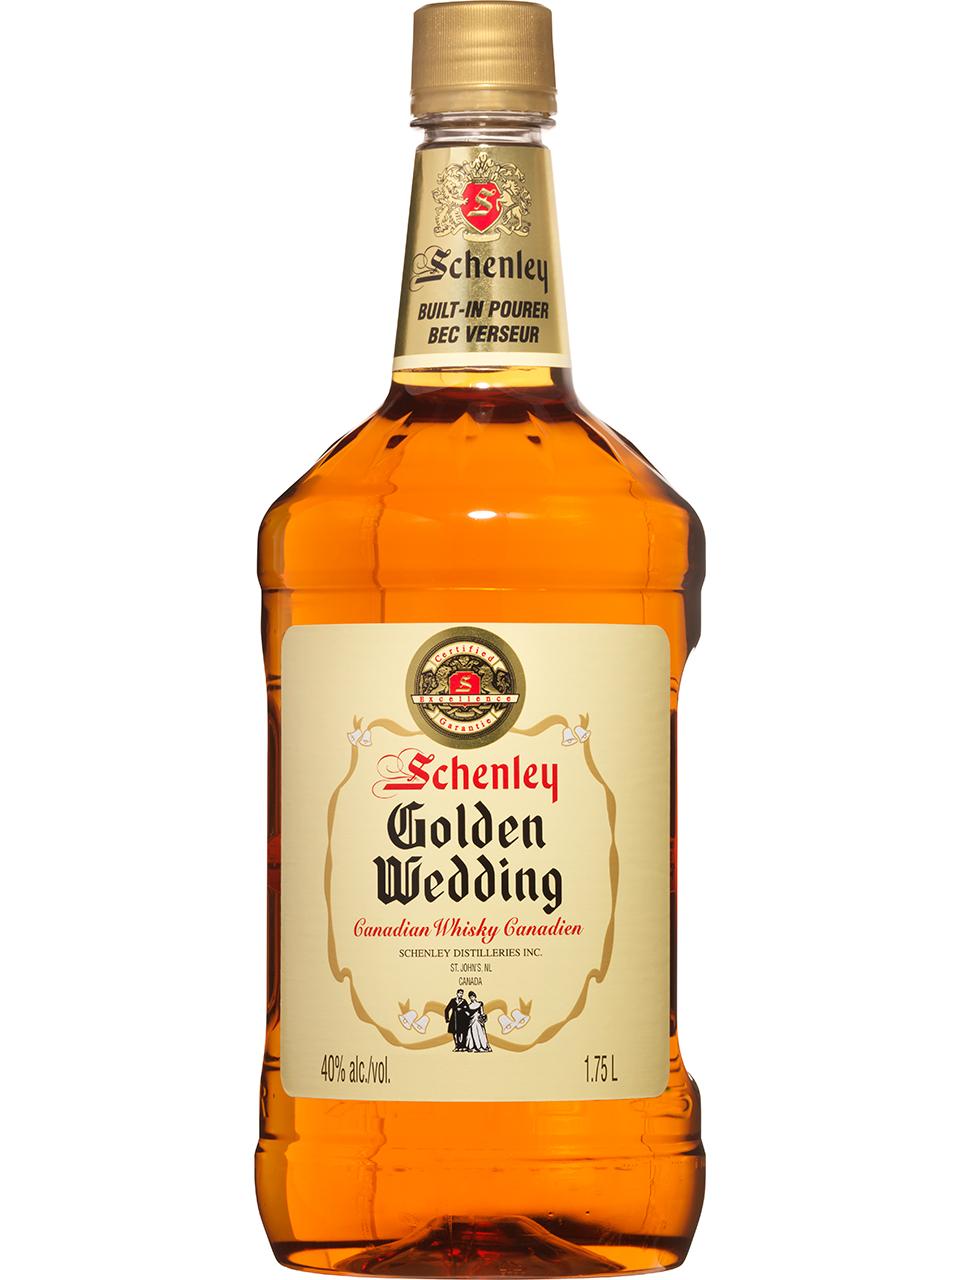 Golden Wedding Whisky